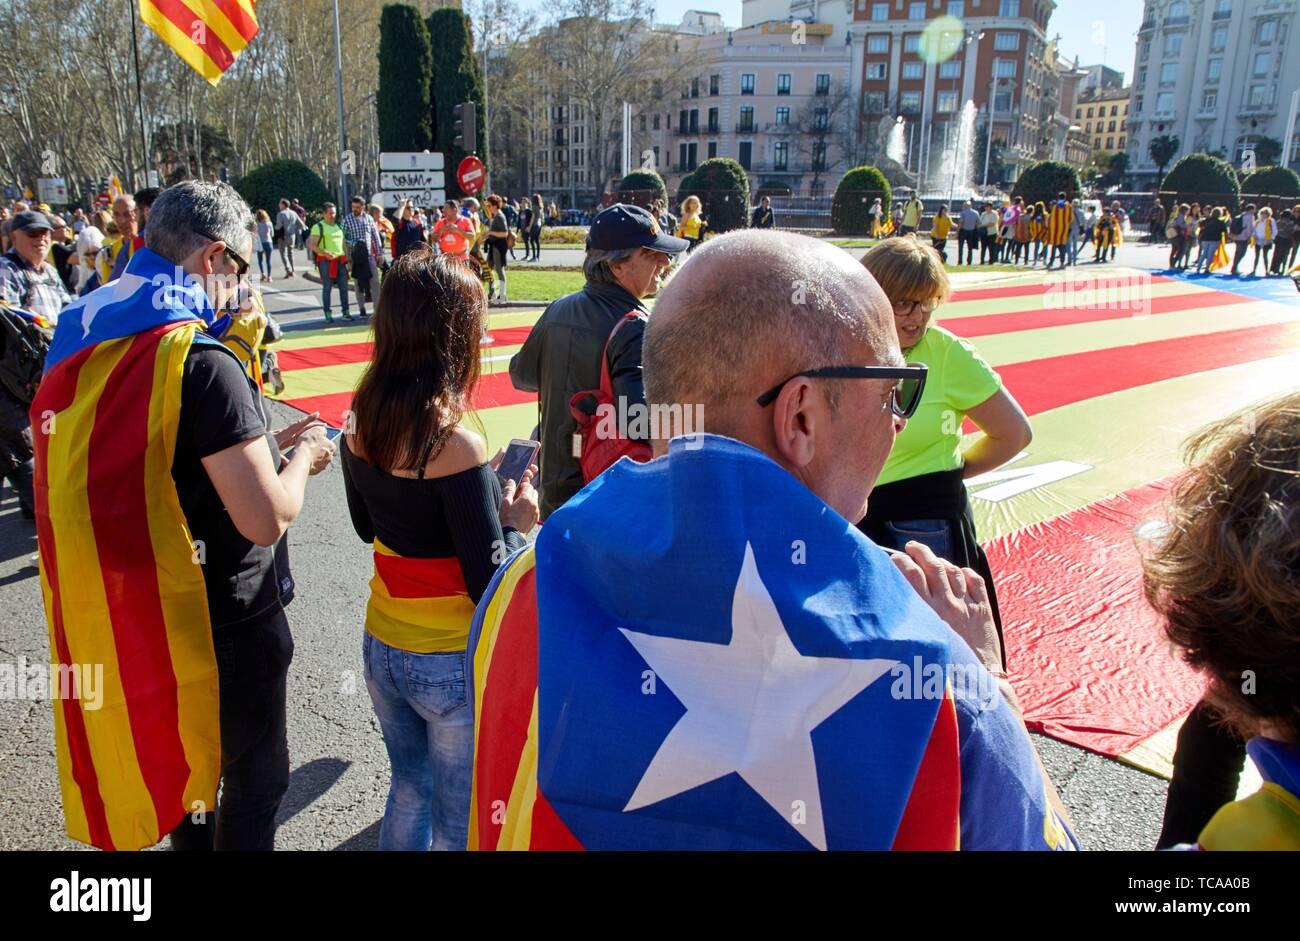 Démonstration des Catalans qui revendique l'indépendance, les drapeaux de la Catalogne, Fontaine de Neptune, Madrid, Spain, Europe Banque D'Images